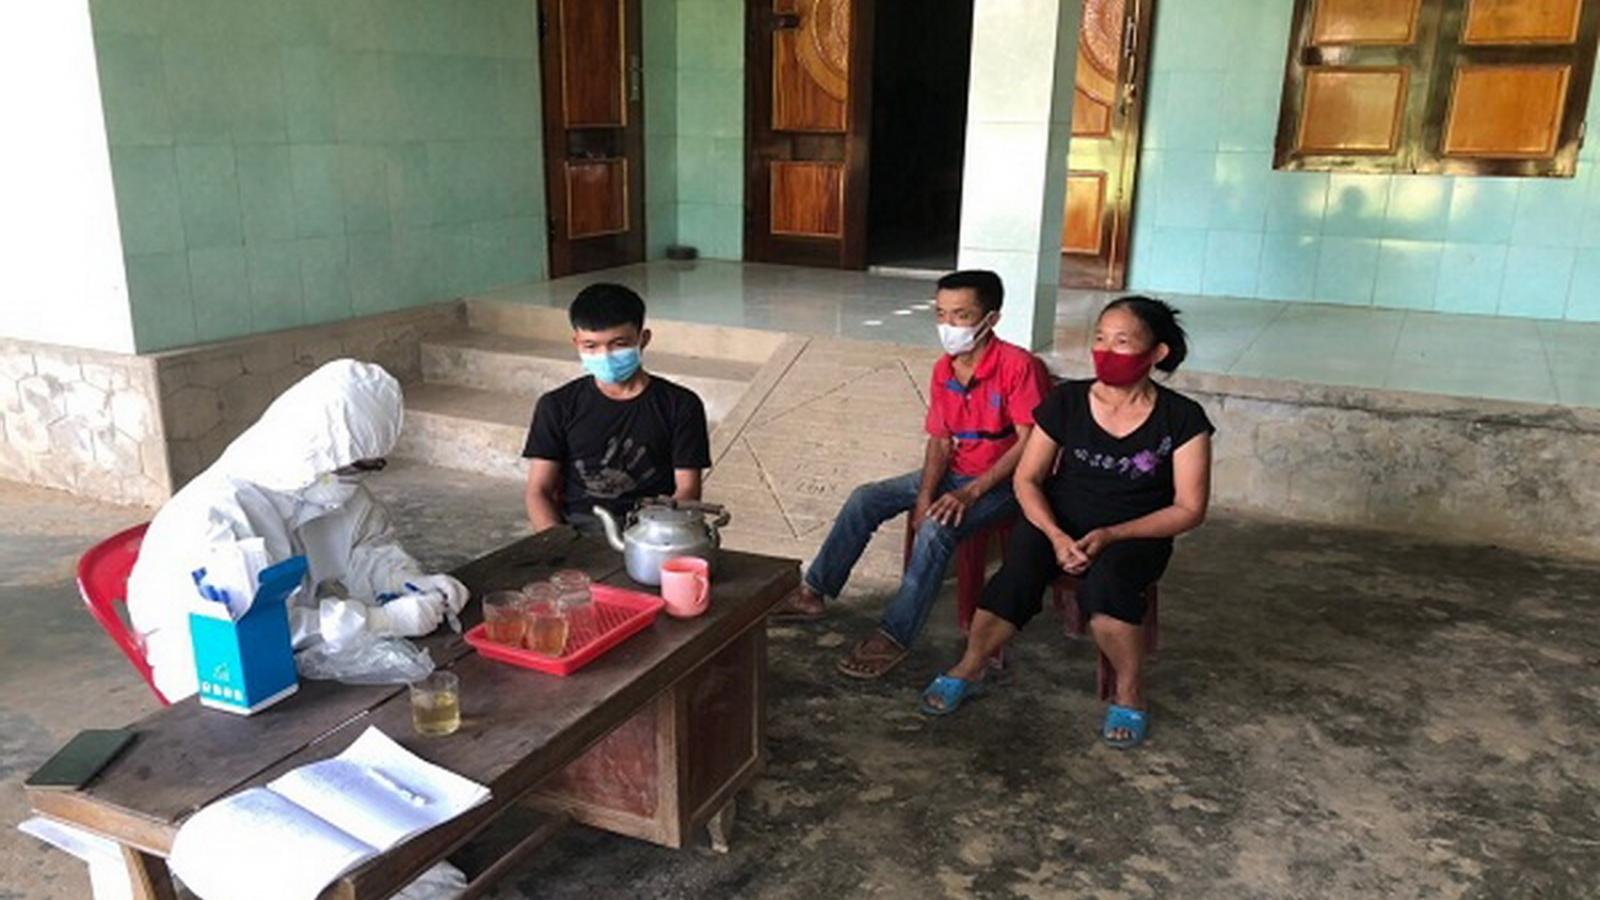 Quảng Bình xử phạt 3 người trong 1 gia đình vi phạm quy định cách ly tại nhà